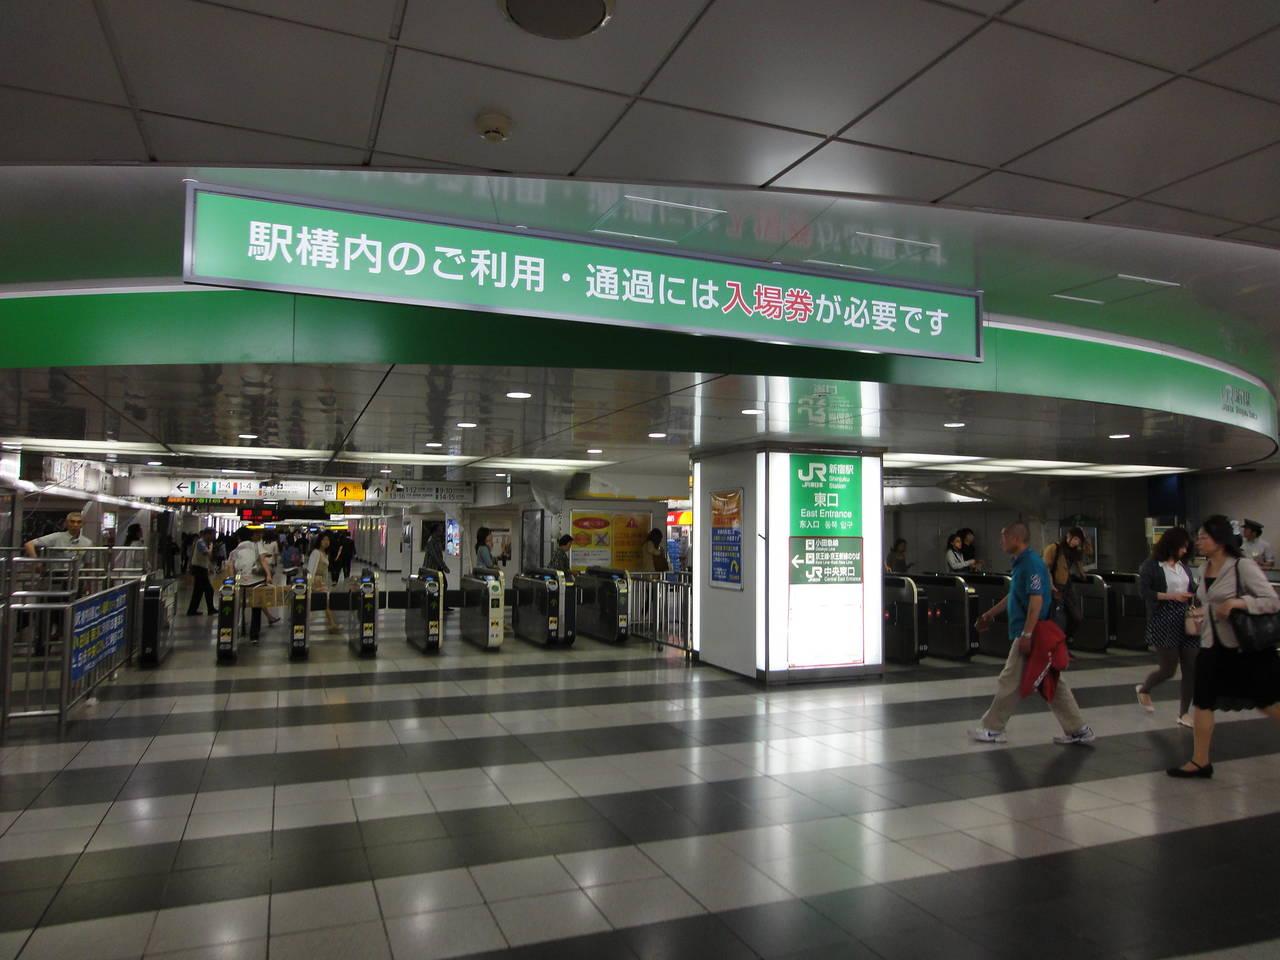 Shinjku Station